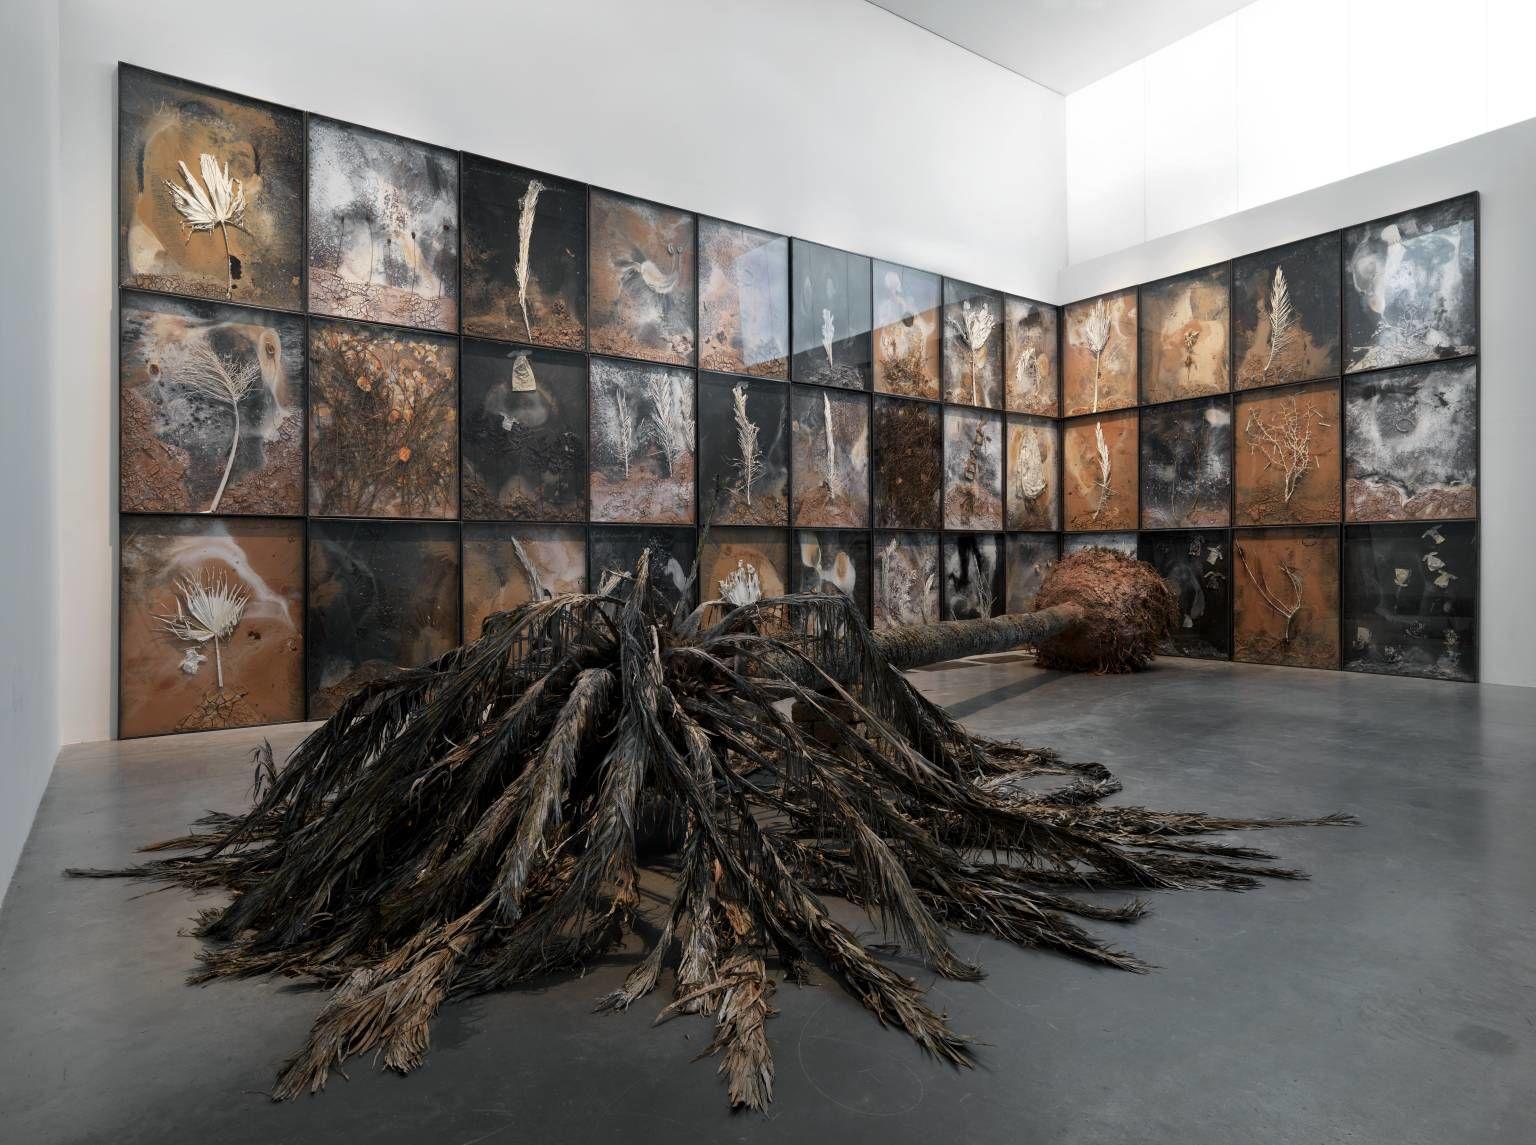 Лекція присвячена мистецтву Ансельма Кіфера